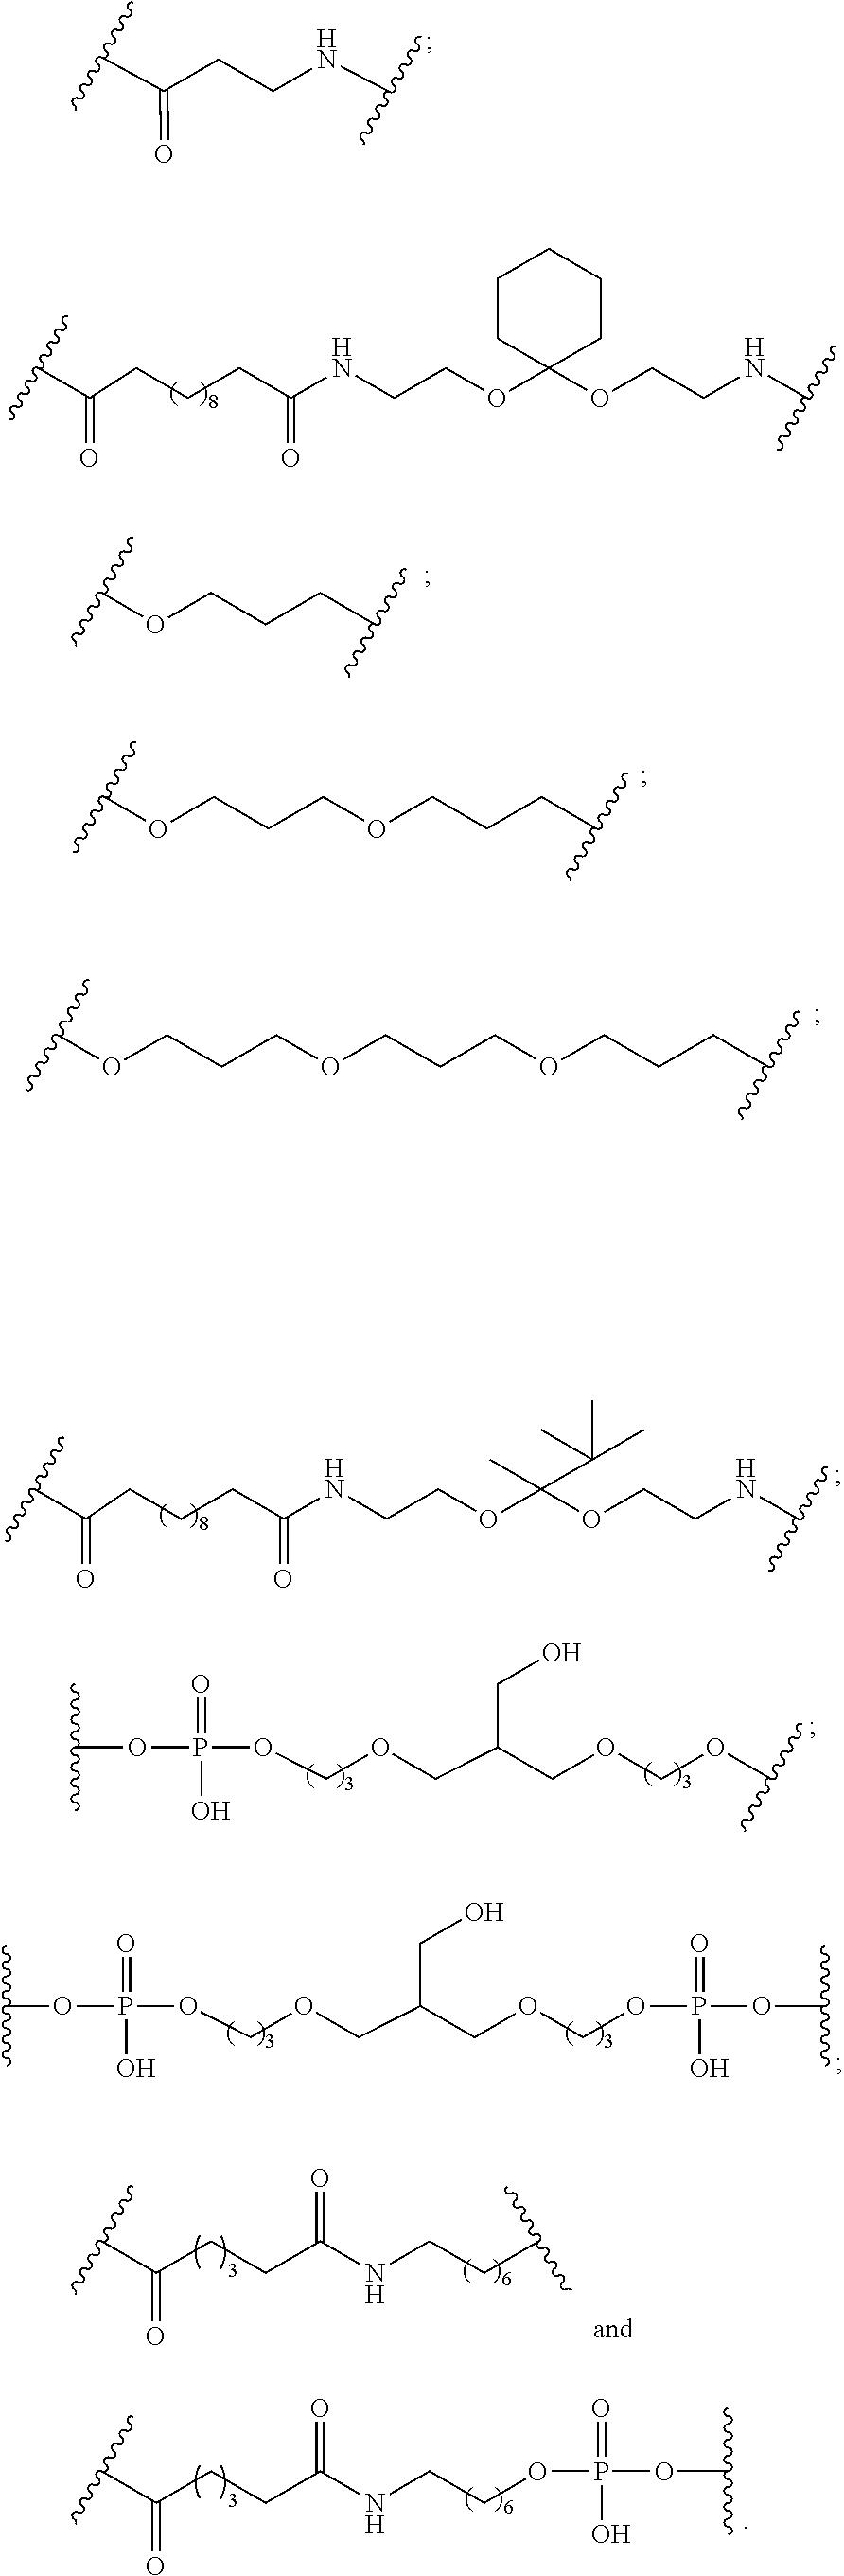 Figure US09932581-20180403-C00039